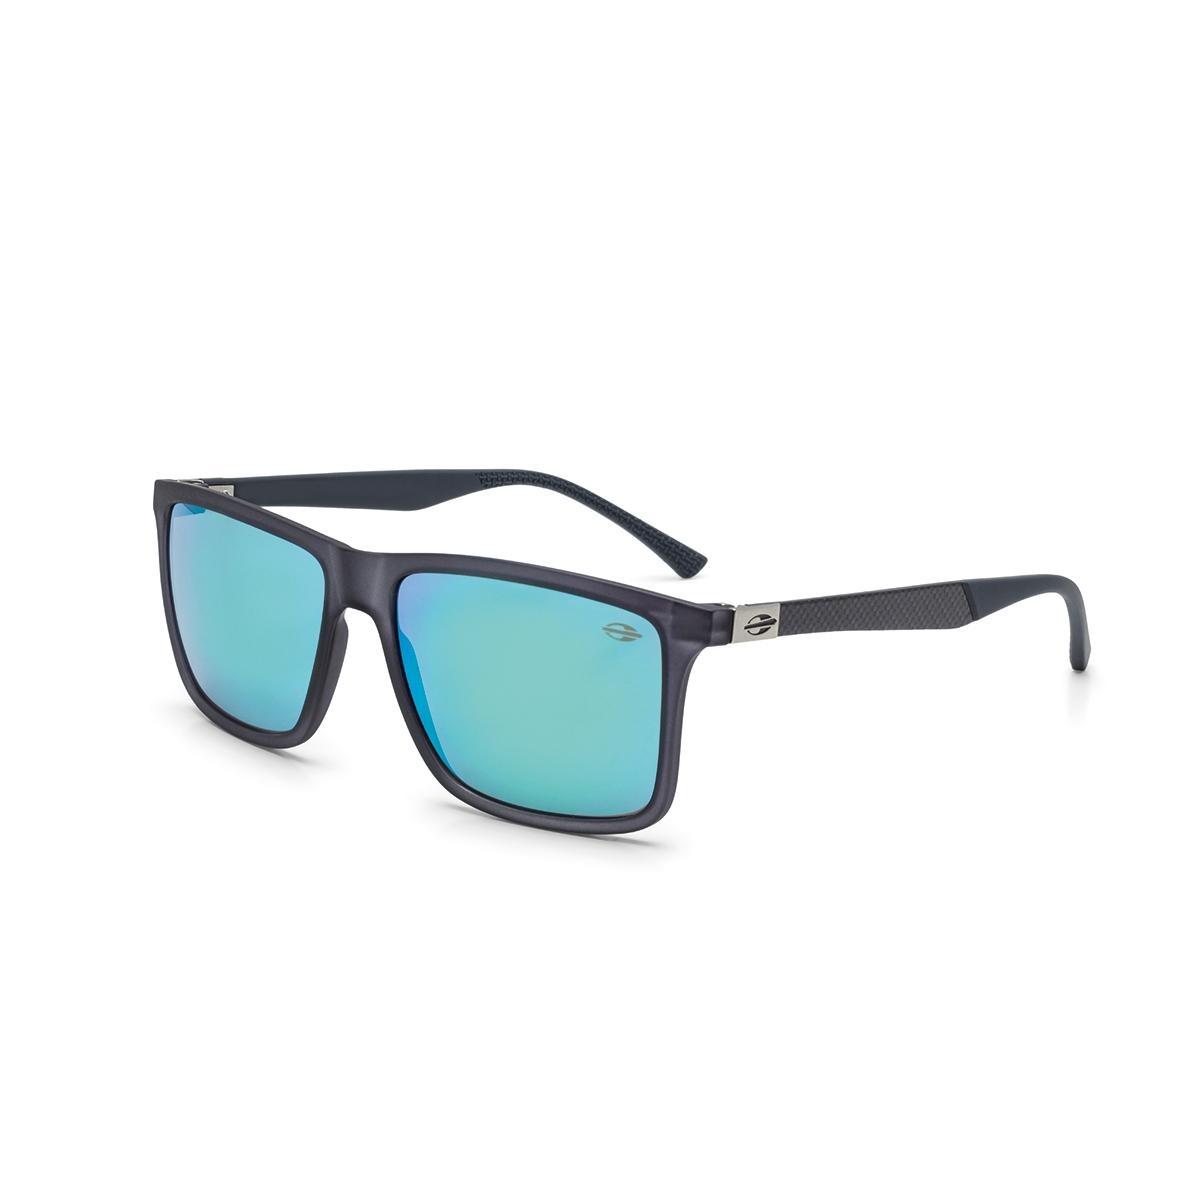 Oculos Sol Mormaii Kona Plus - Cor Do Item Fume - R  383,90 em ... b61d15c0e9